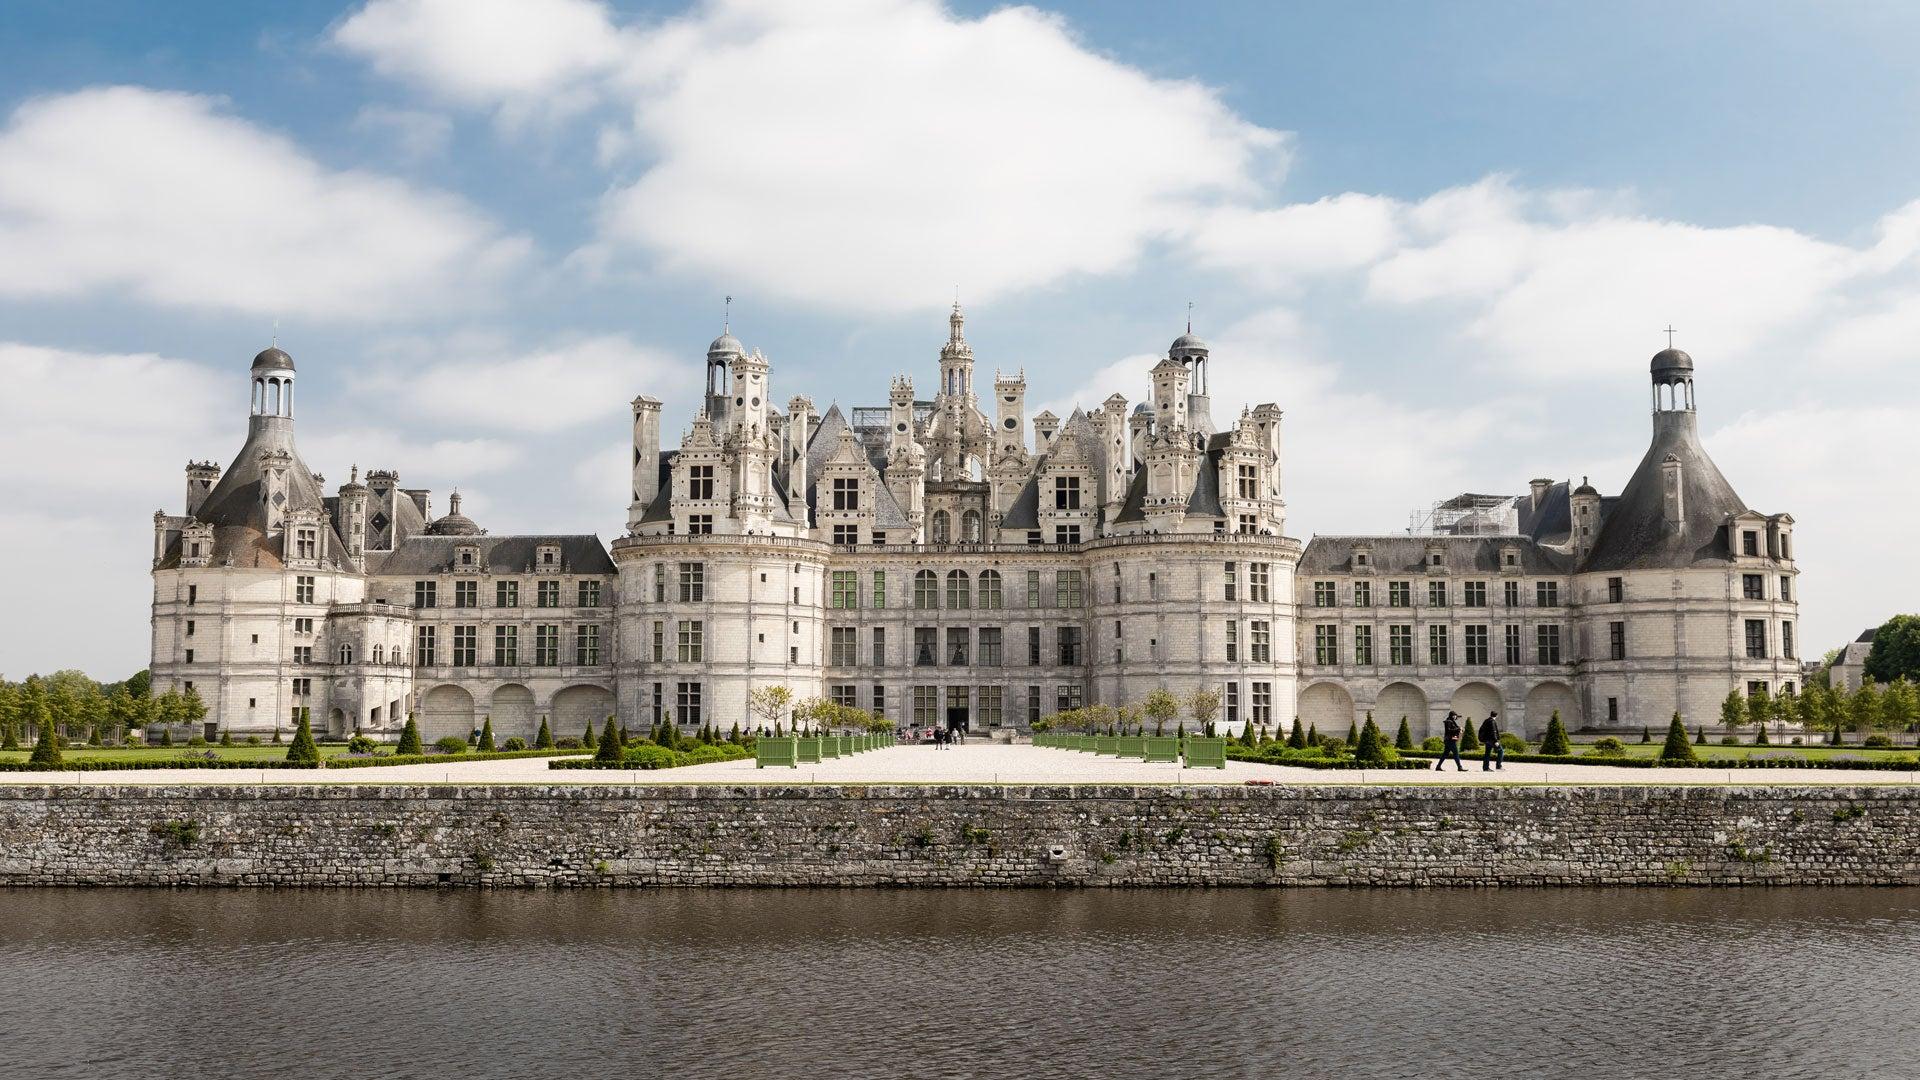 Découvrez l'emblématique château de Chambord, qui fête cette année ses 499 ans